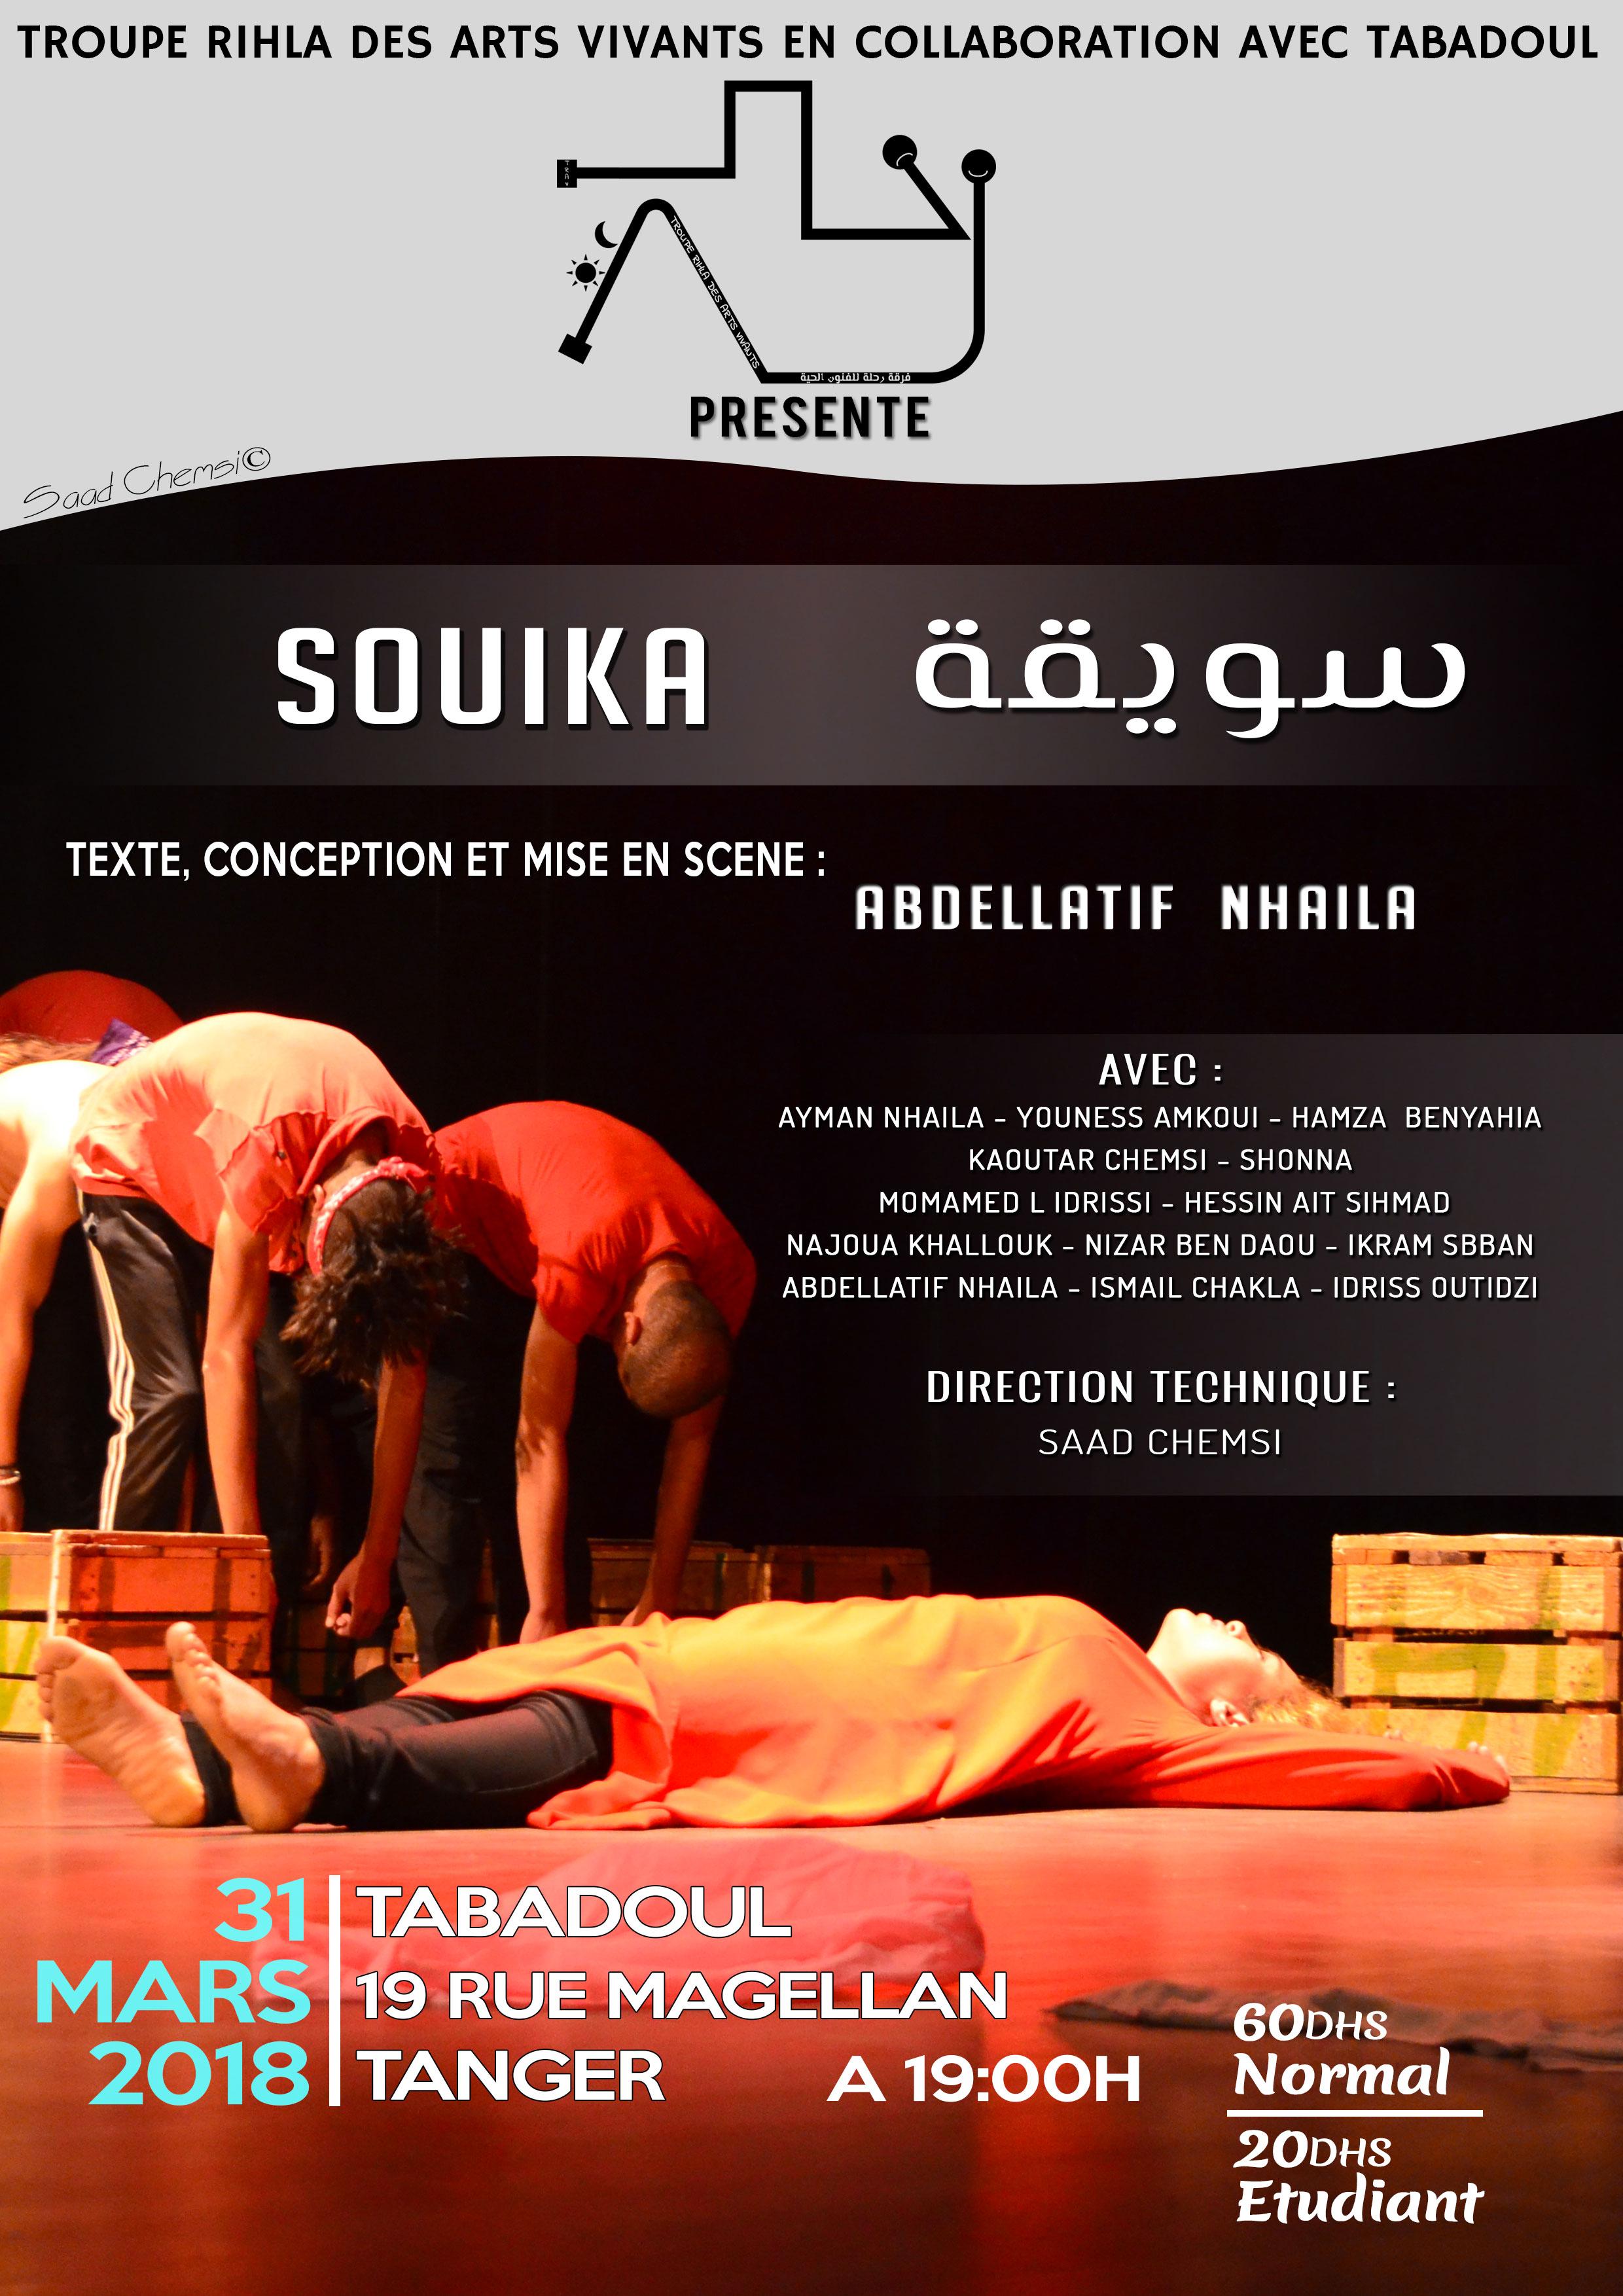 SOUIKA «Voyage de 24h dans le souk Marocain»